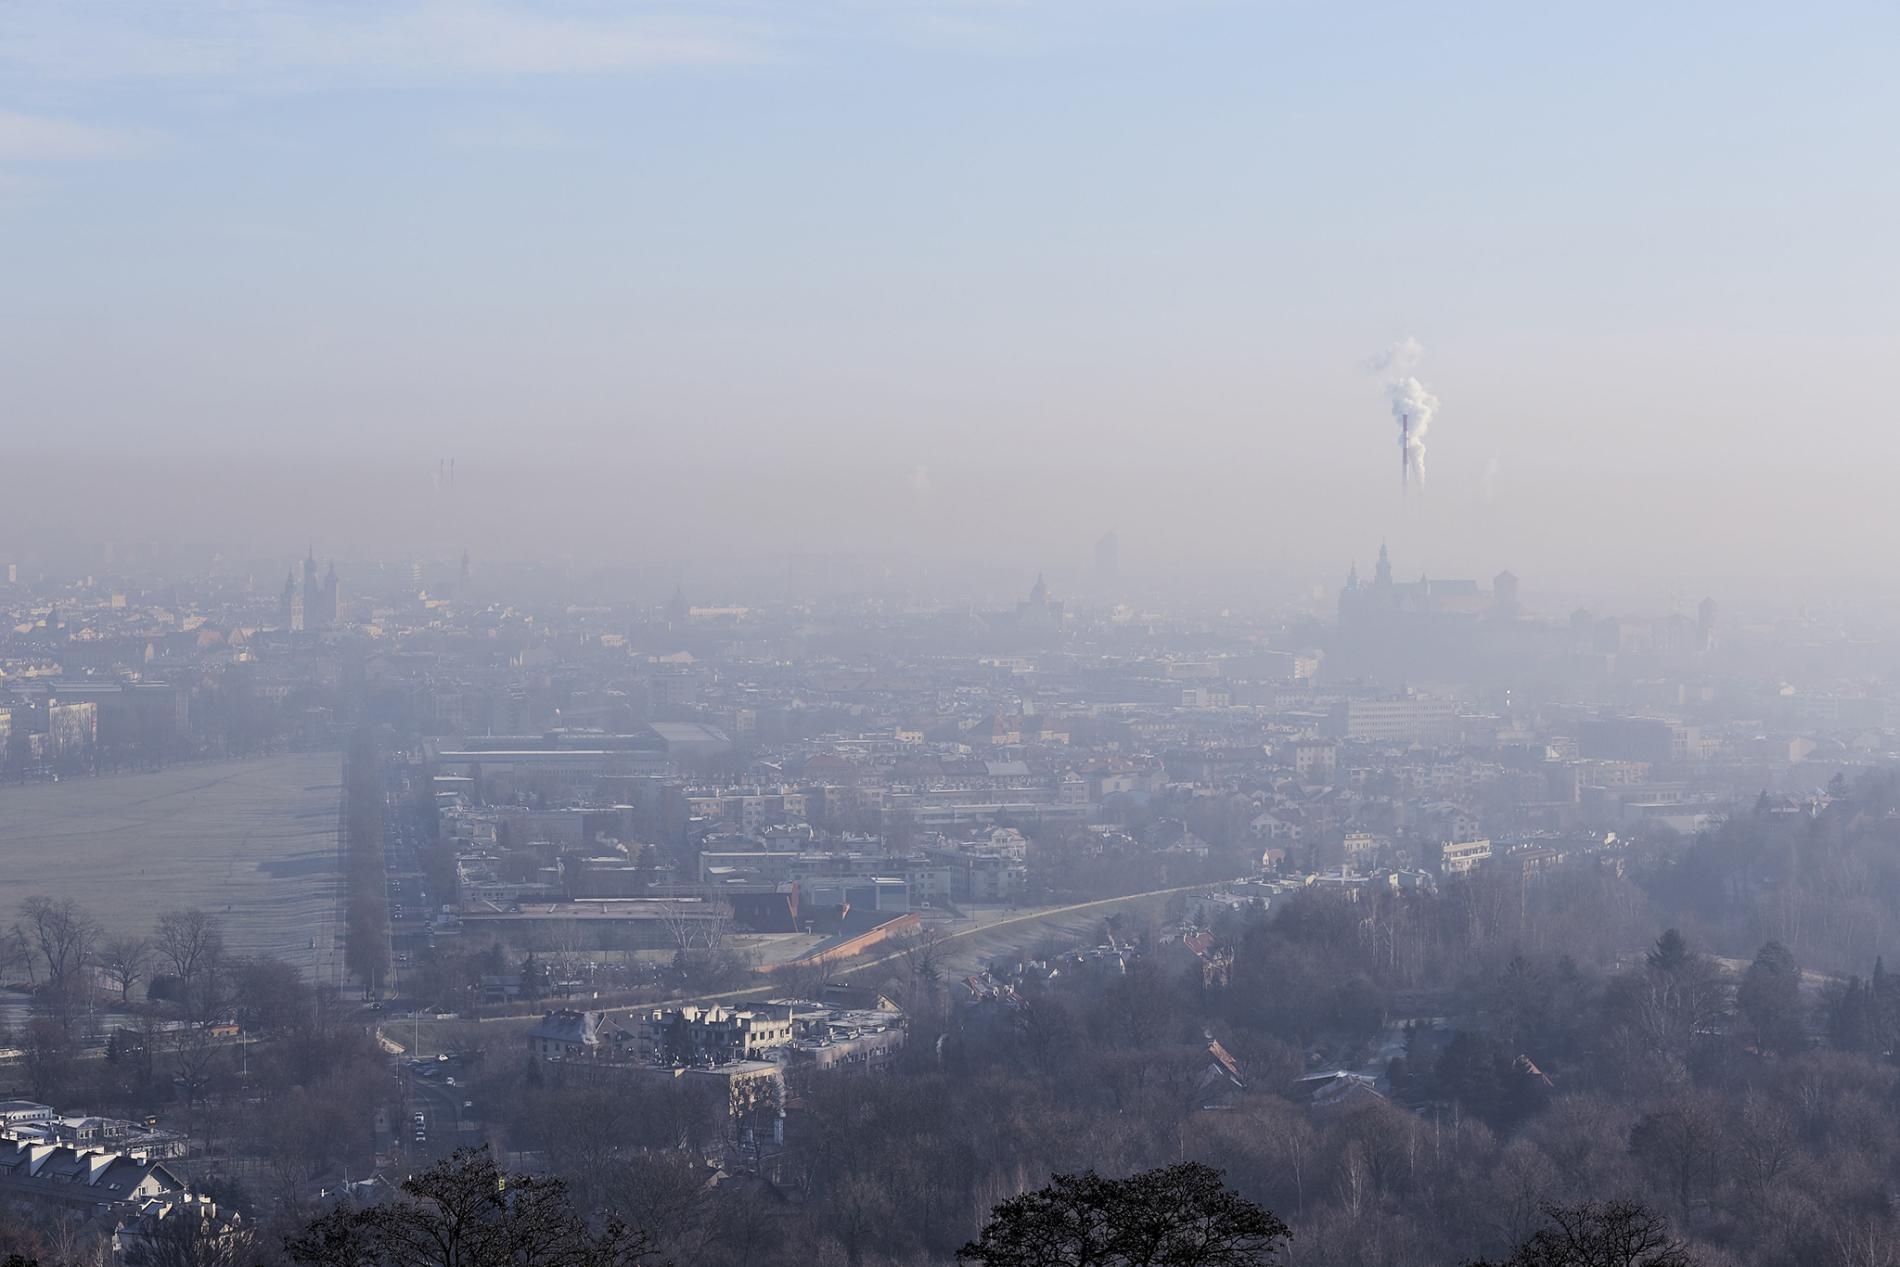 在新冠肺炎造成的封鎖期間,電廠、工業和其他各種碳排放活動,仍持續地排出溫室氣體。PHOTOGRAPH BY BARTEK SADOWSKI, BLOOMBERG/GETTY IMAGES